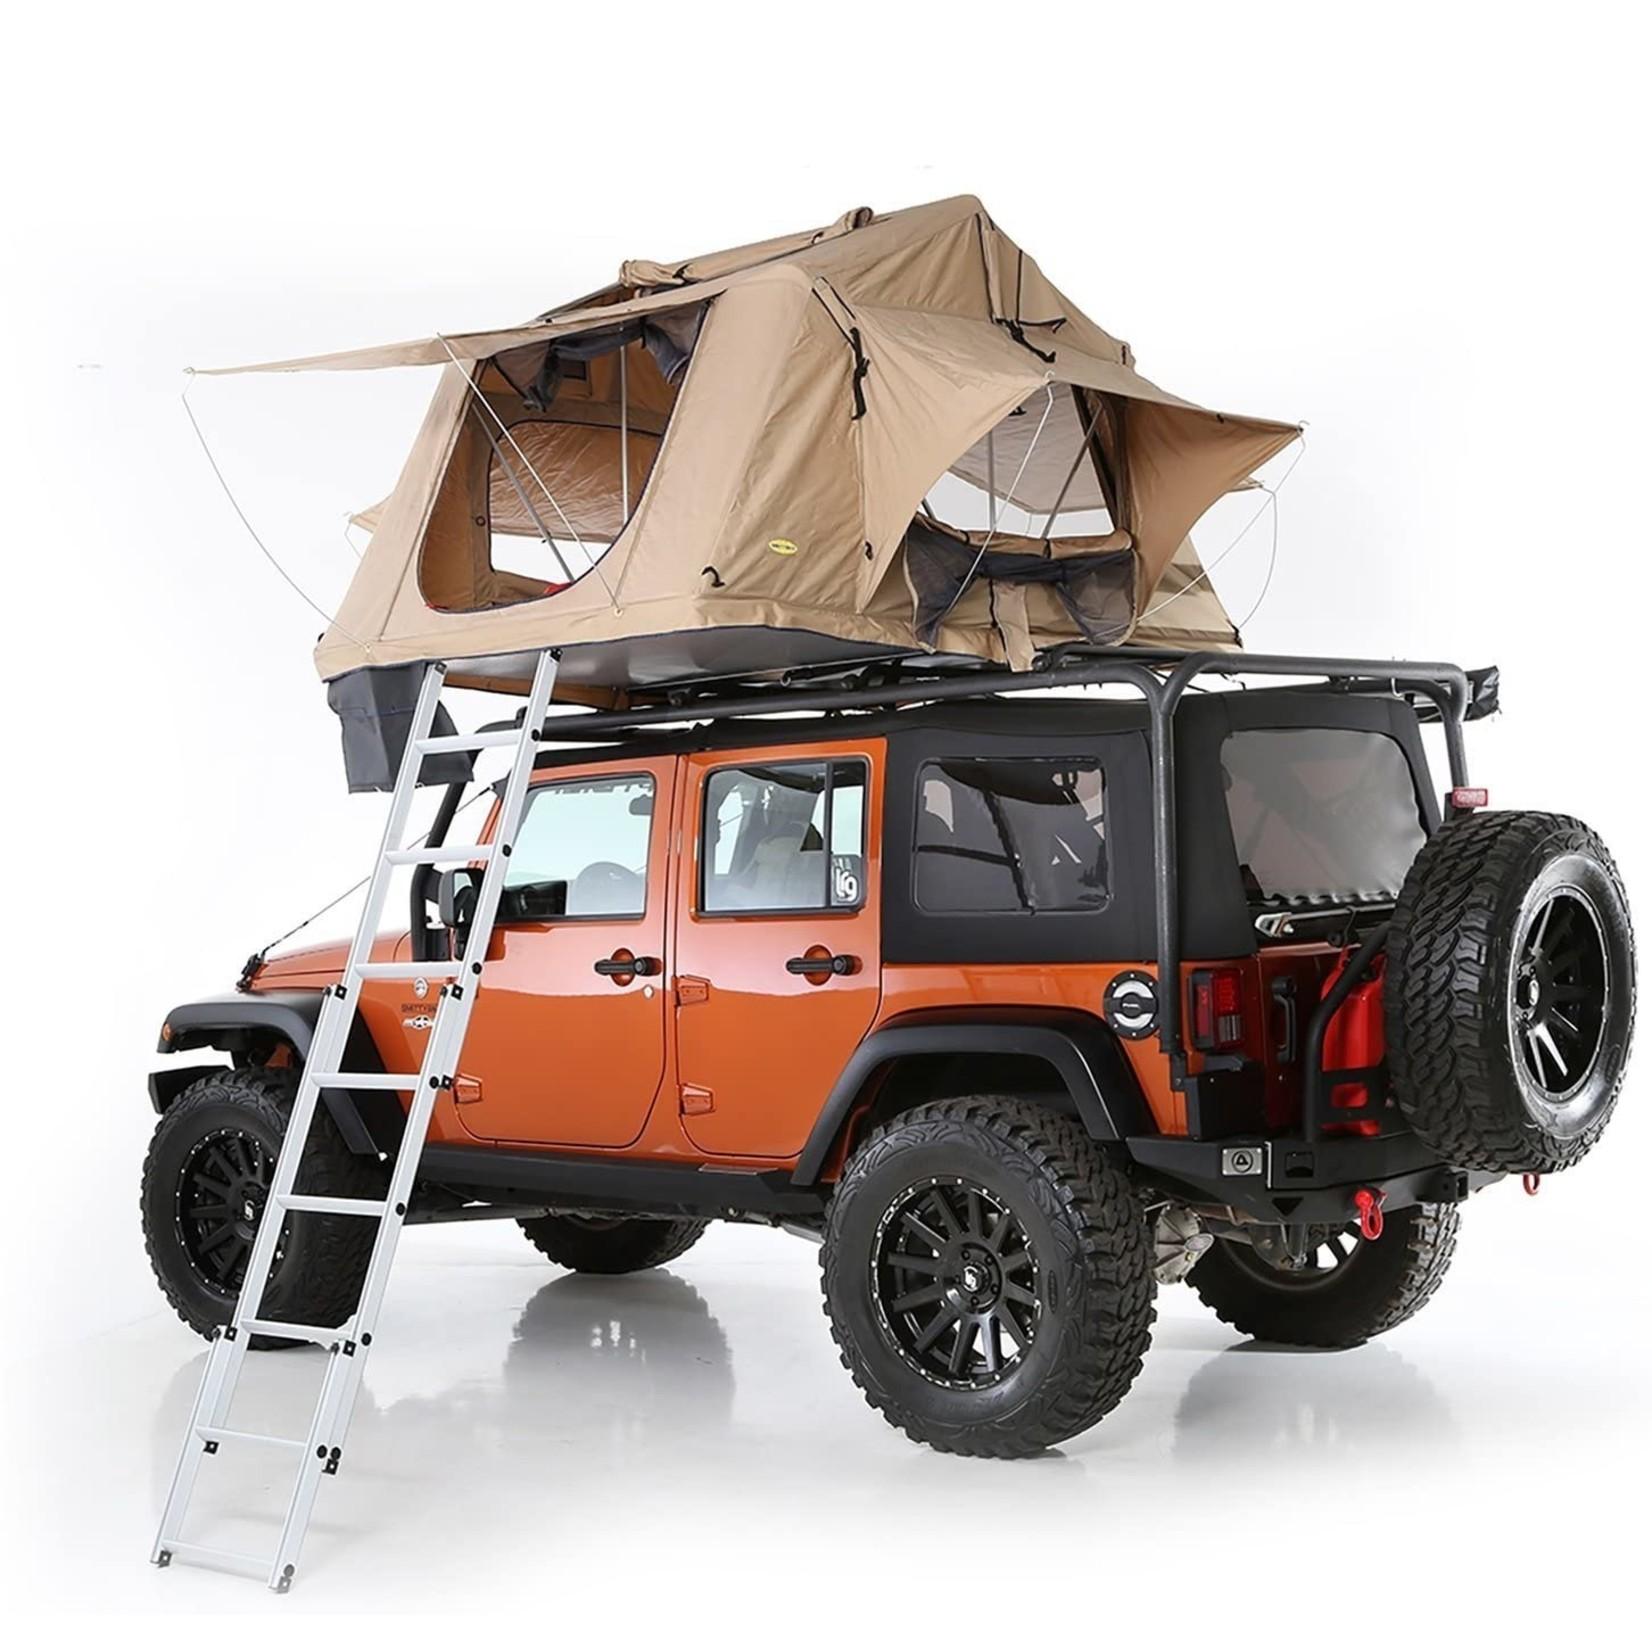 Smittybilt Smittybilt Overnader Roof Top Tent